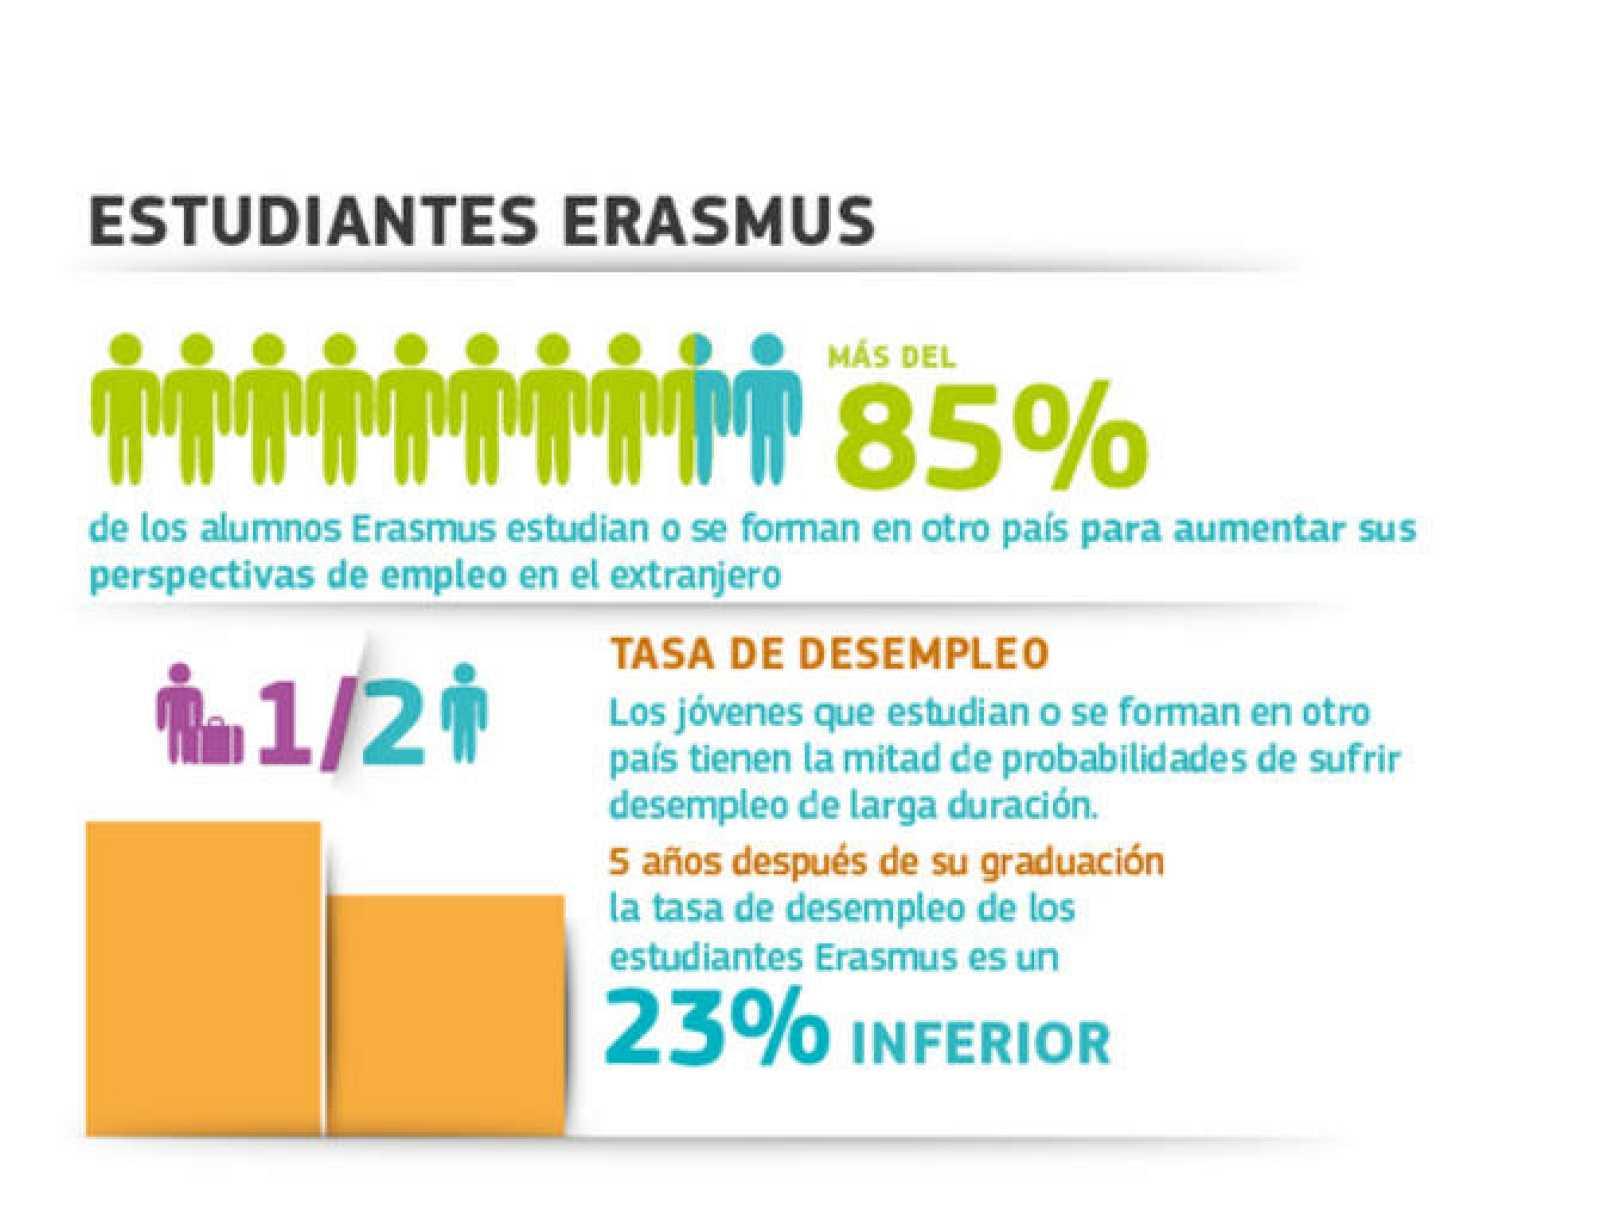 Infografía de la Comisión sobre el programa Erasmus